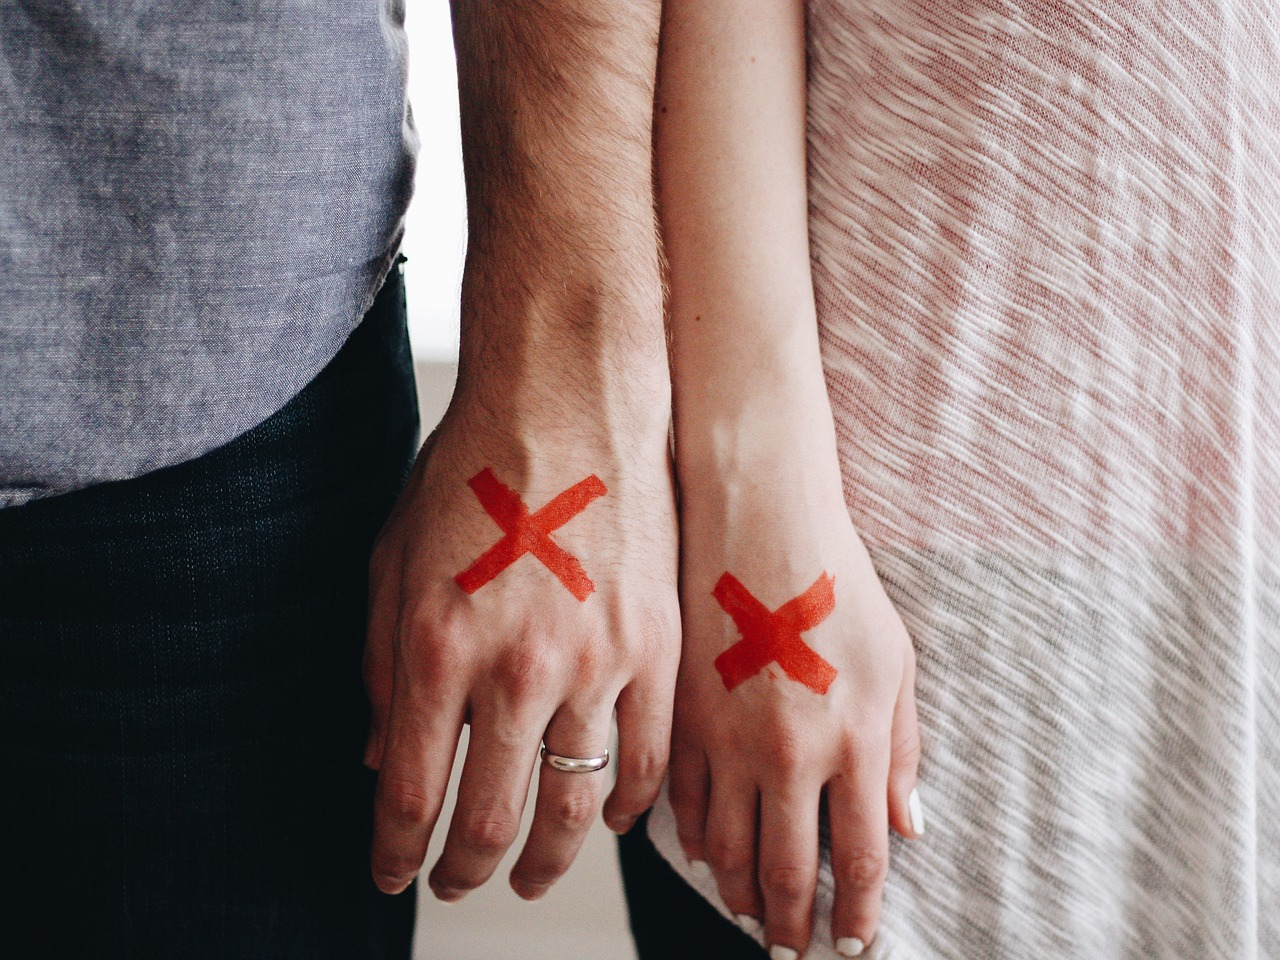 Ile trwa rozwód? Porady prawne we Wrocławiu. Prawnik, radca prawny